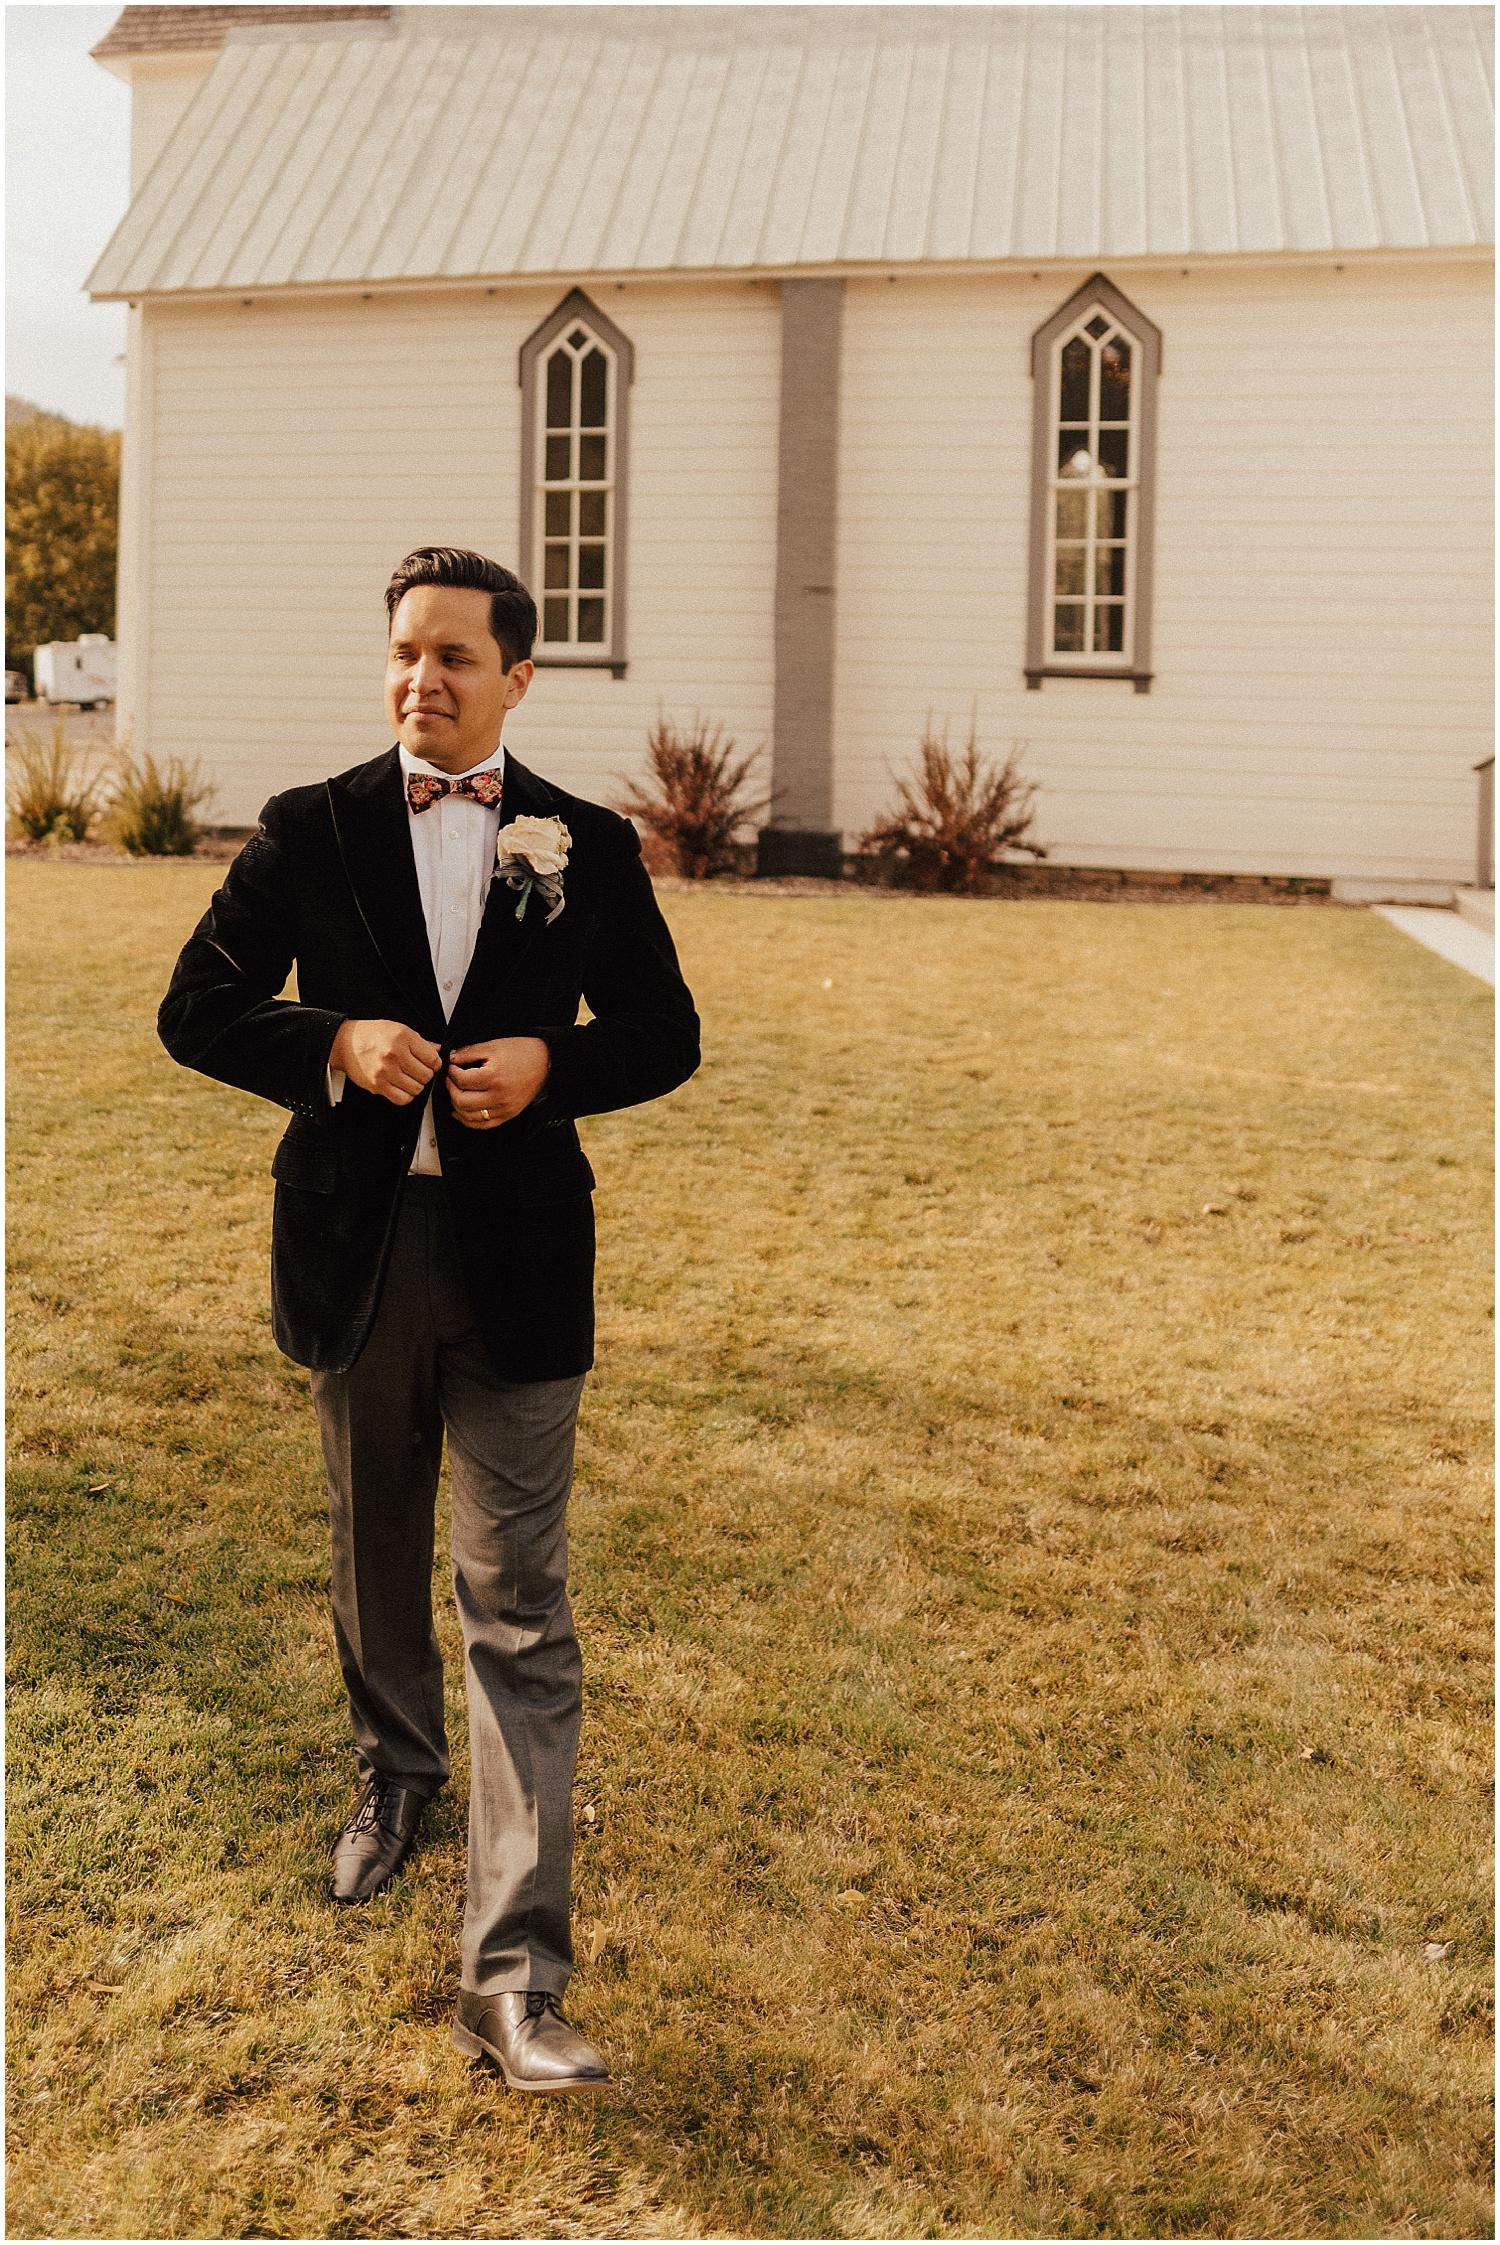 church-wedding-industrial-reception-sunvalley-idaho55.jpg